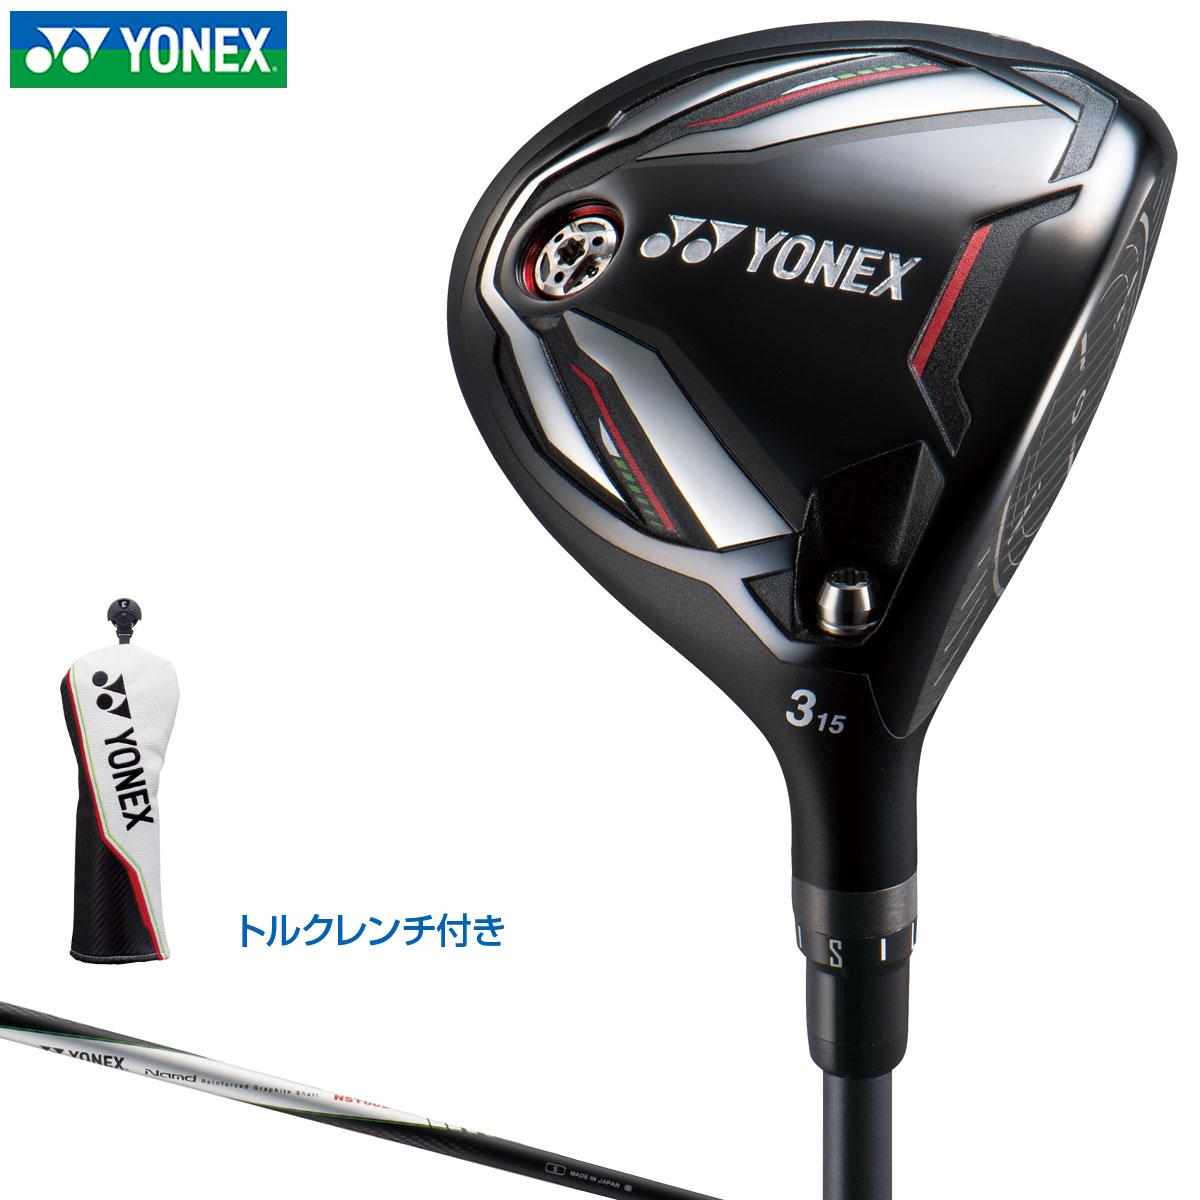 YONEX(ヨネックス)日本正規品 EZONE GTフェアウェイウッド 2020新製品 NST002カーボンシャフト